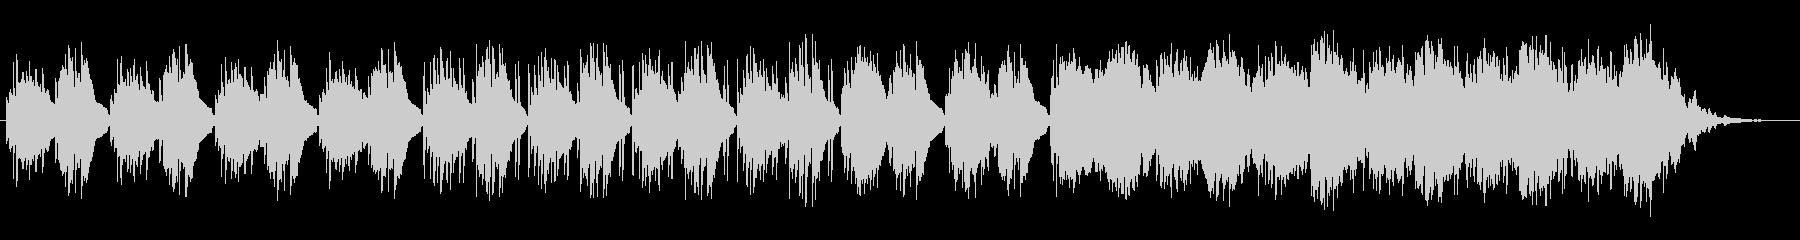 近未来的なヒーリングミュージックの未再生の波形